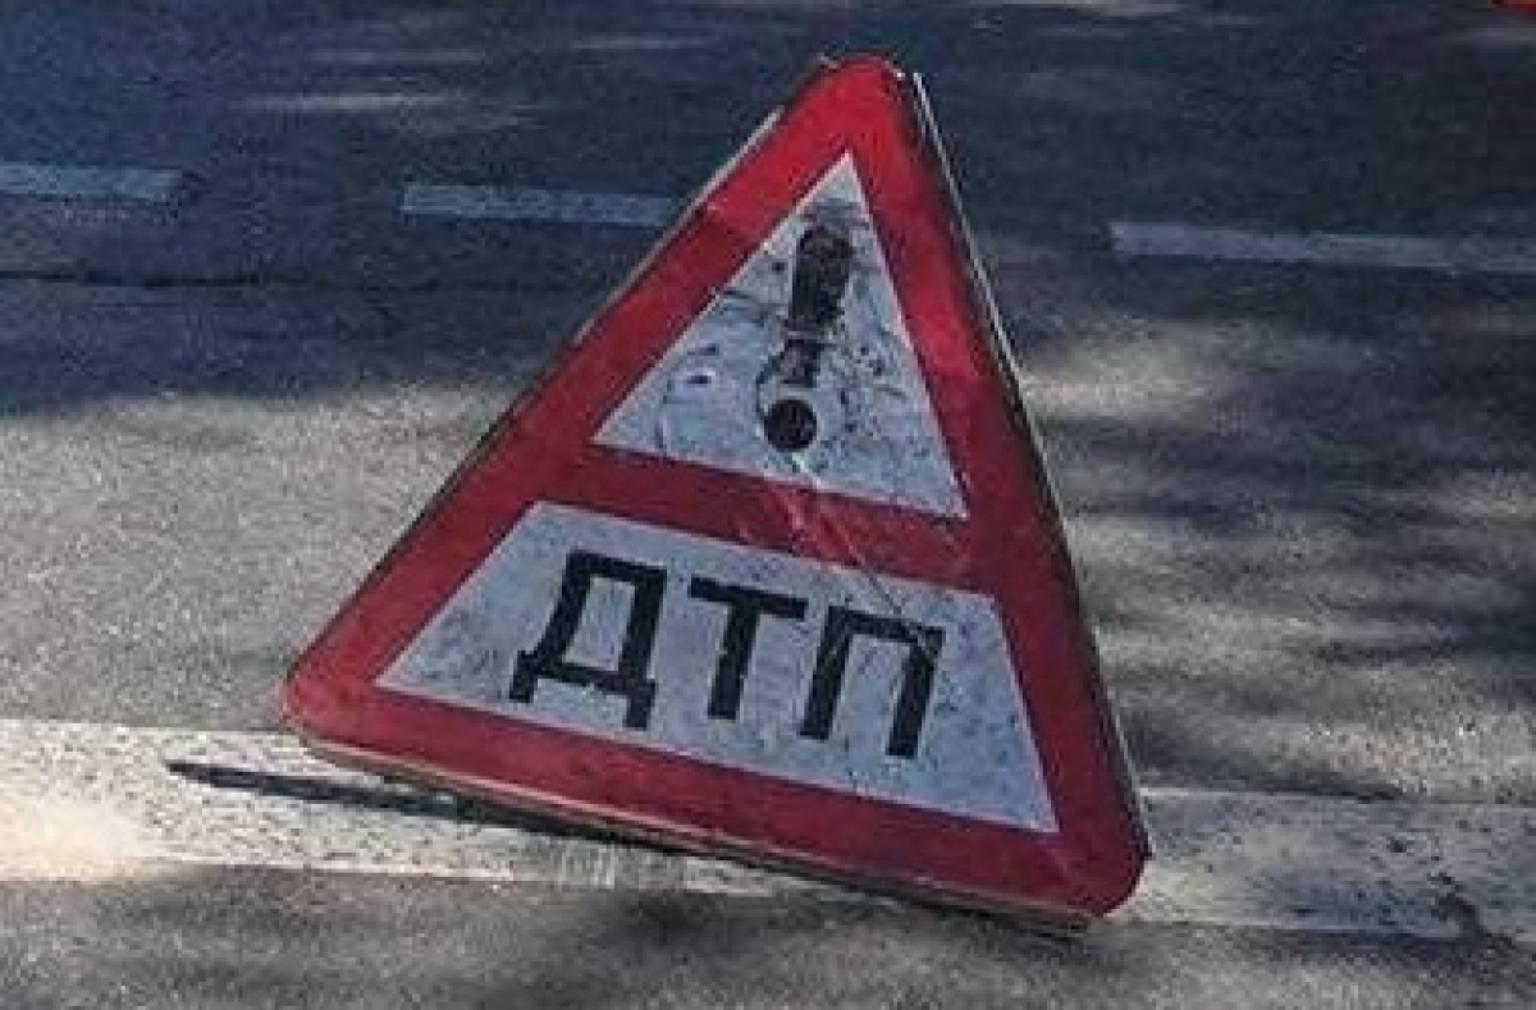 ВКазани столкнулись два «краснобуса», 7 человек пострадали